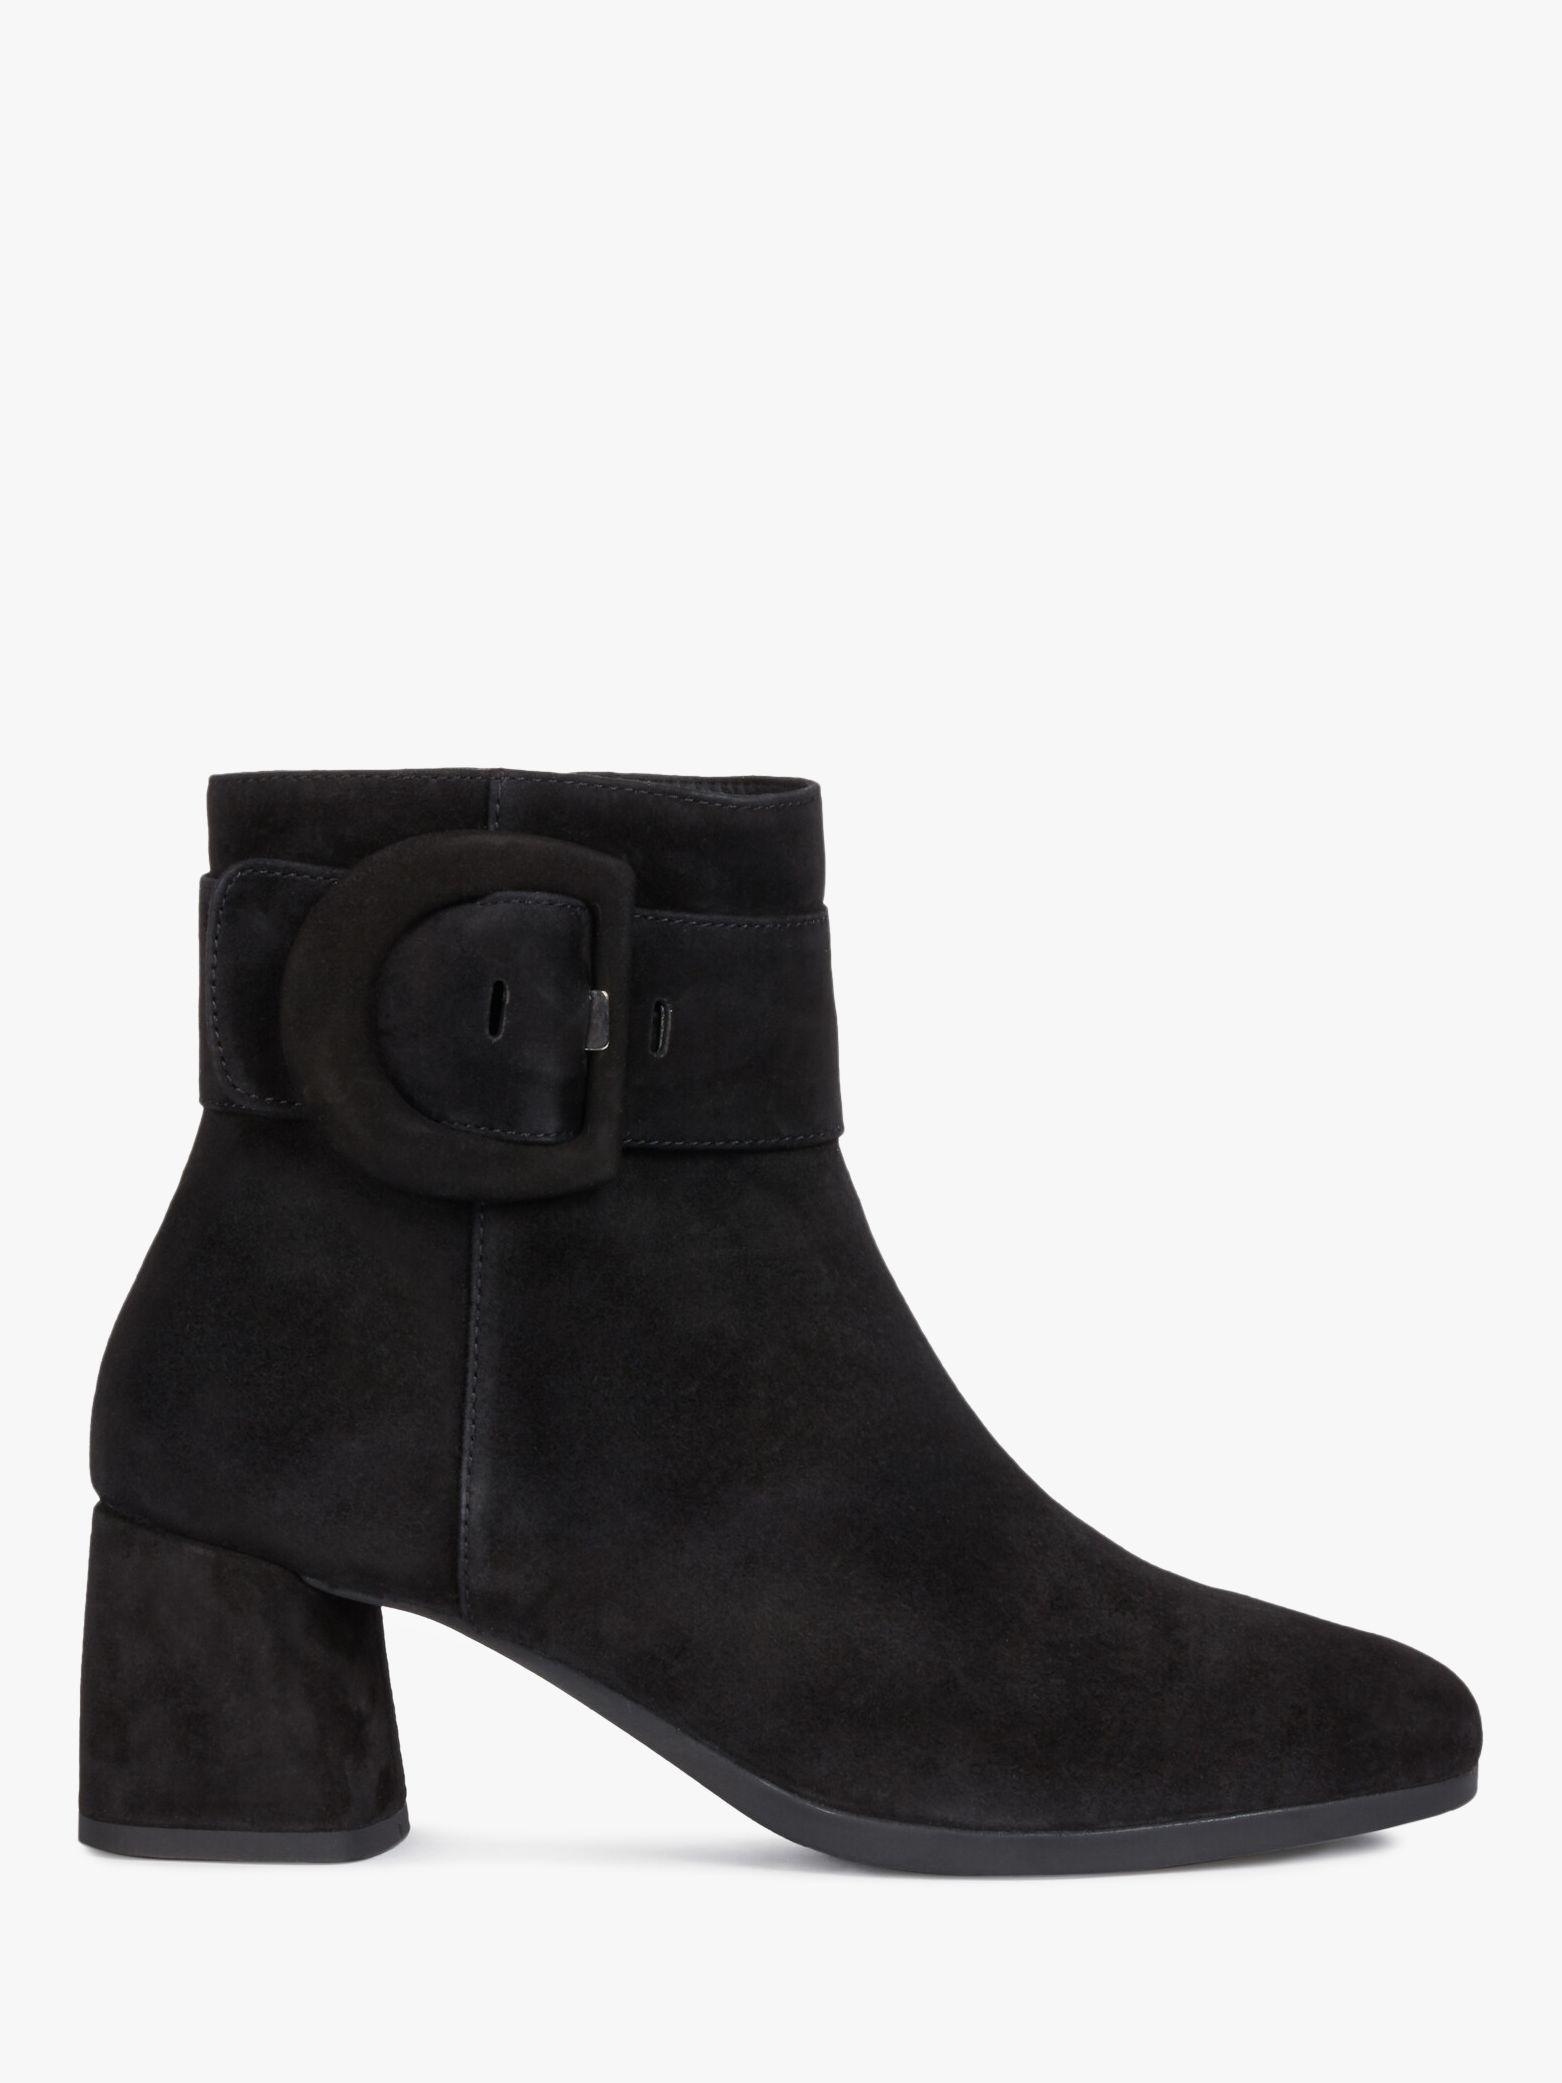 Geox Geox Women's Calinda Suede Block Heel Ankle Boots, Black